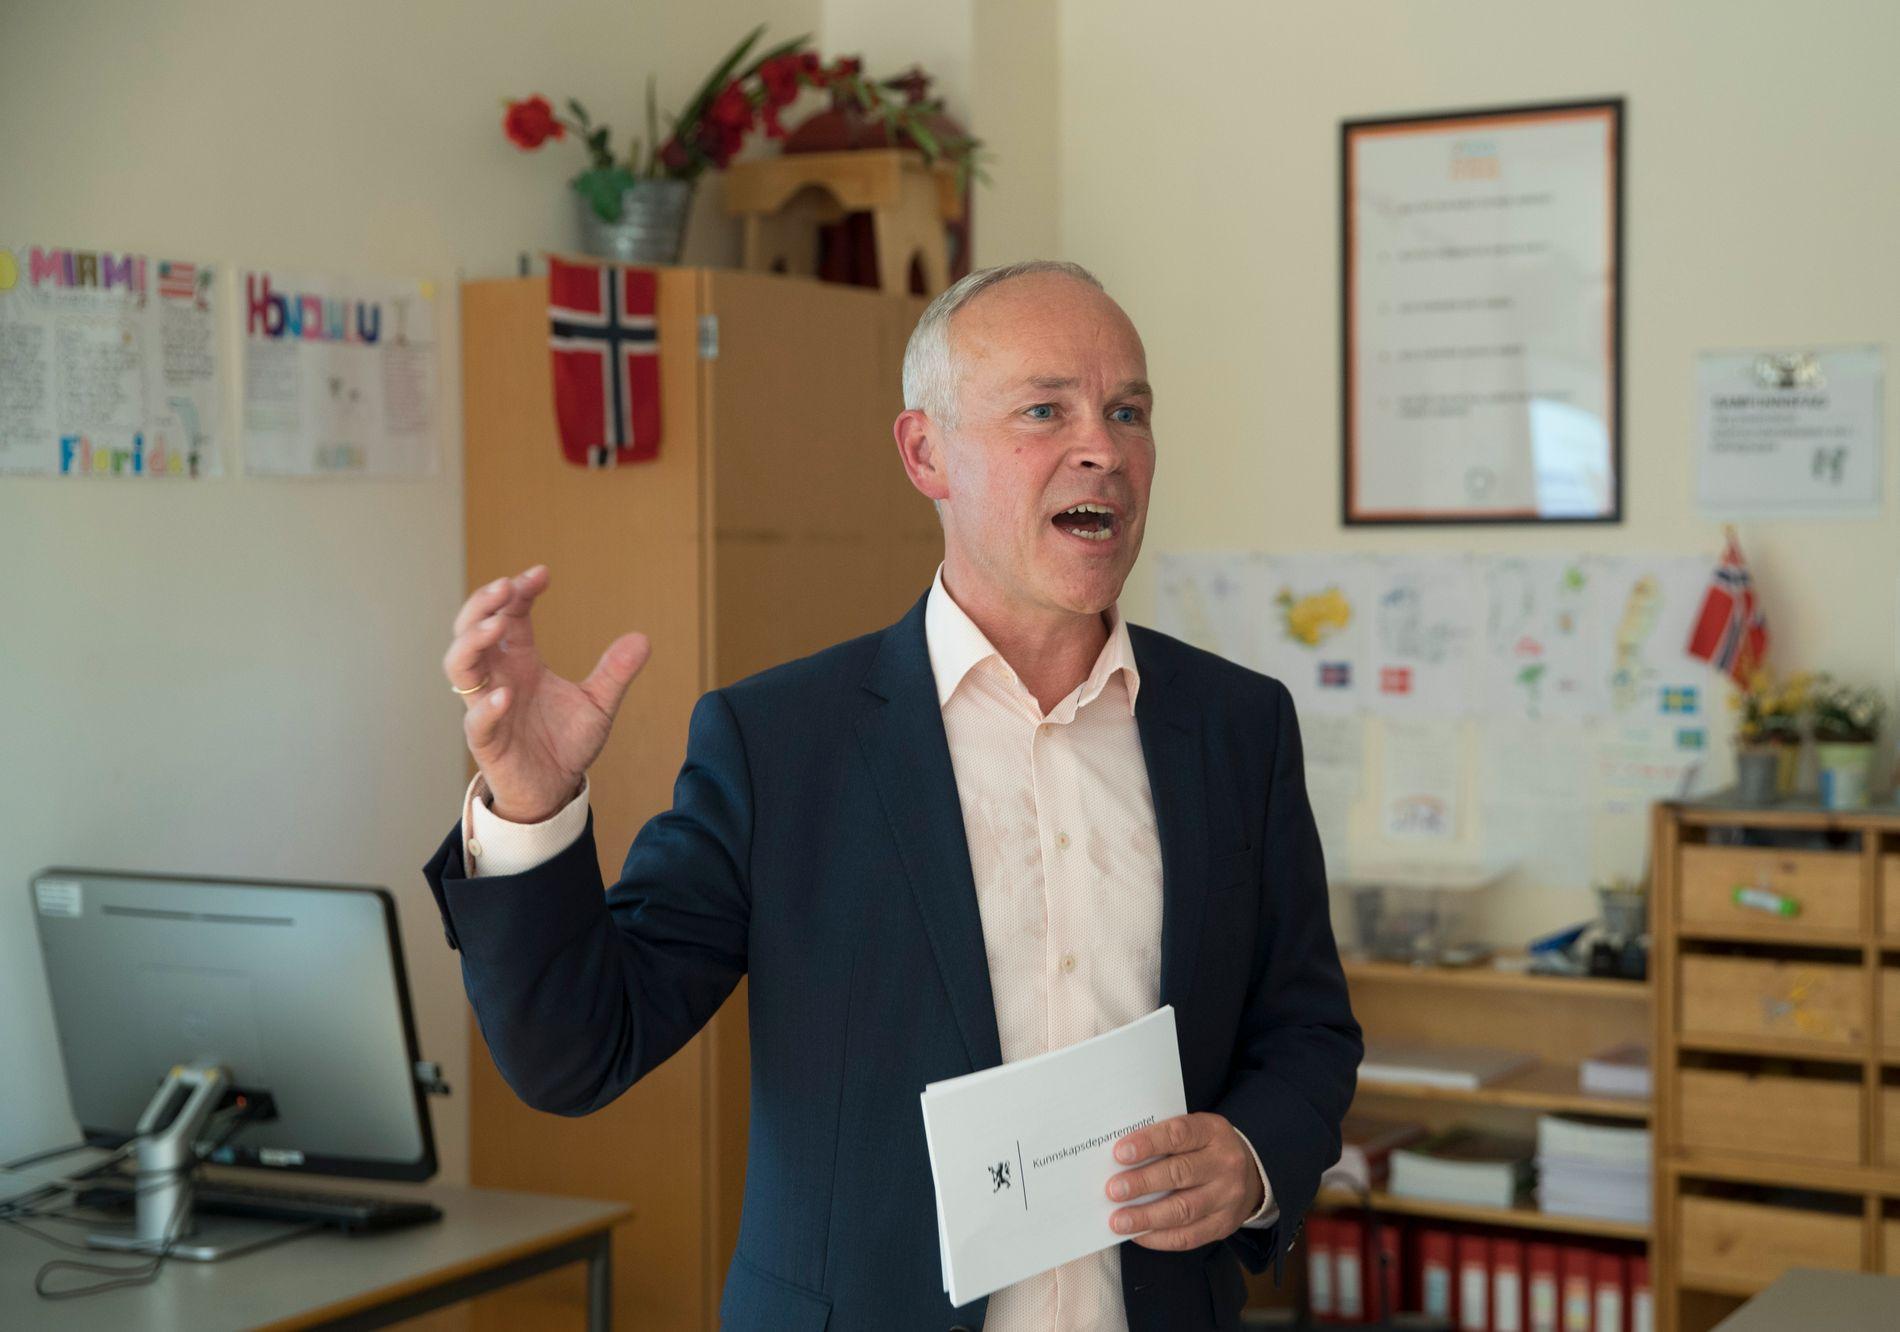 EKSTRAORDINÆRE TILFELLER: Kunnskaps- og integreringsminister Jan Tore Sanner (H) sier at pålagt skolebytte skal kun være et tiltak i ekstraordinære tilfeller der andre tiltak ikke har vært nok.